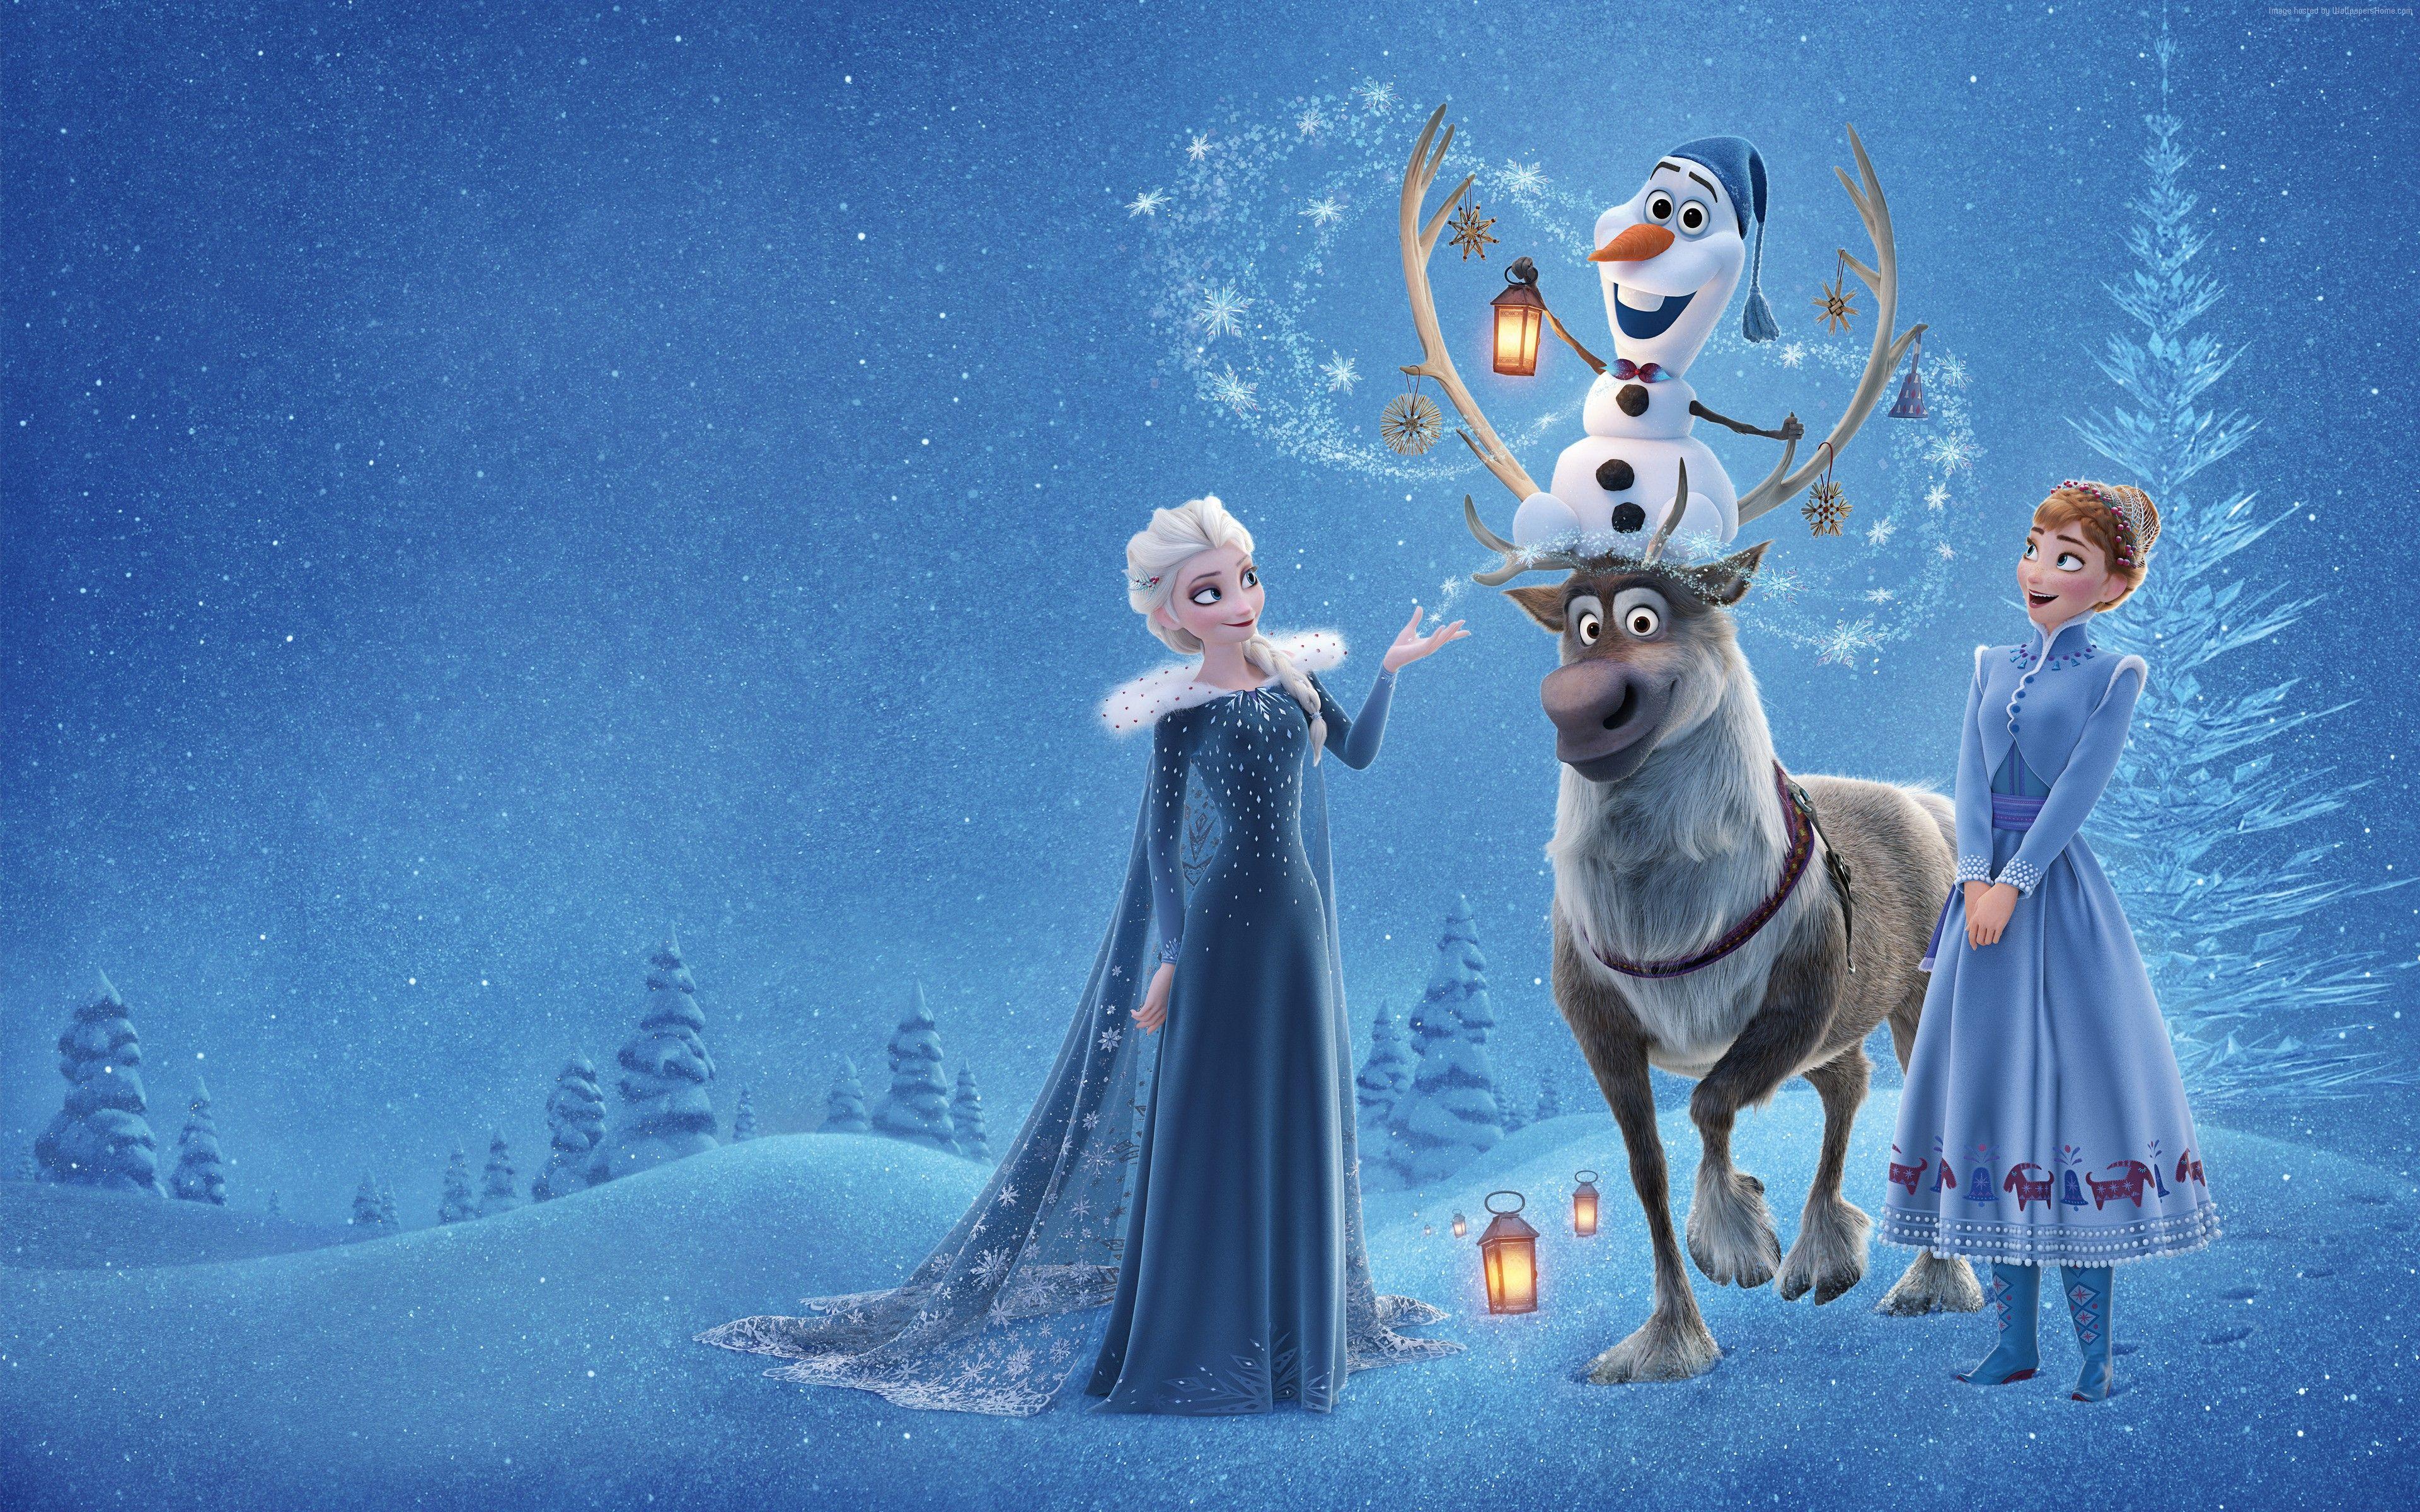 f9913499c8 Αποτέλεσμα εικόνας για christmas reindeer in snow Ταινία Ψυχρά Κι Ανάποδα